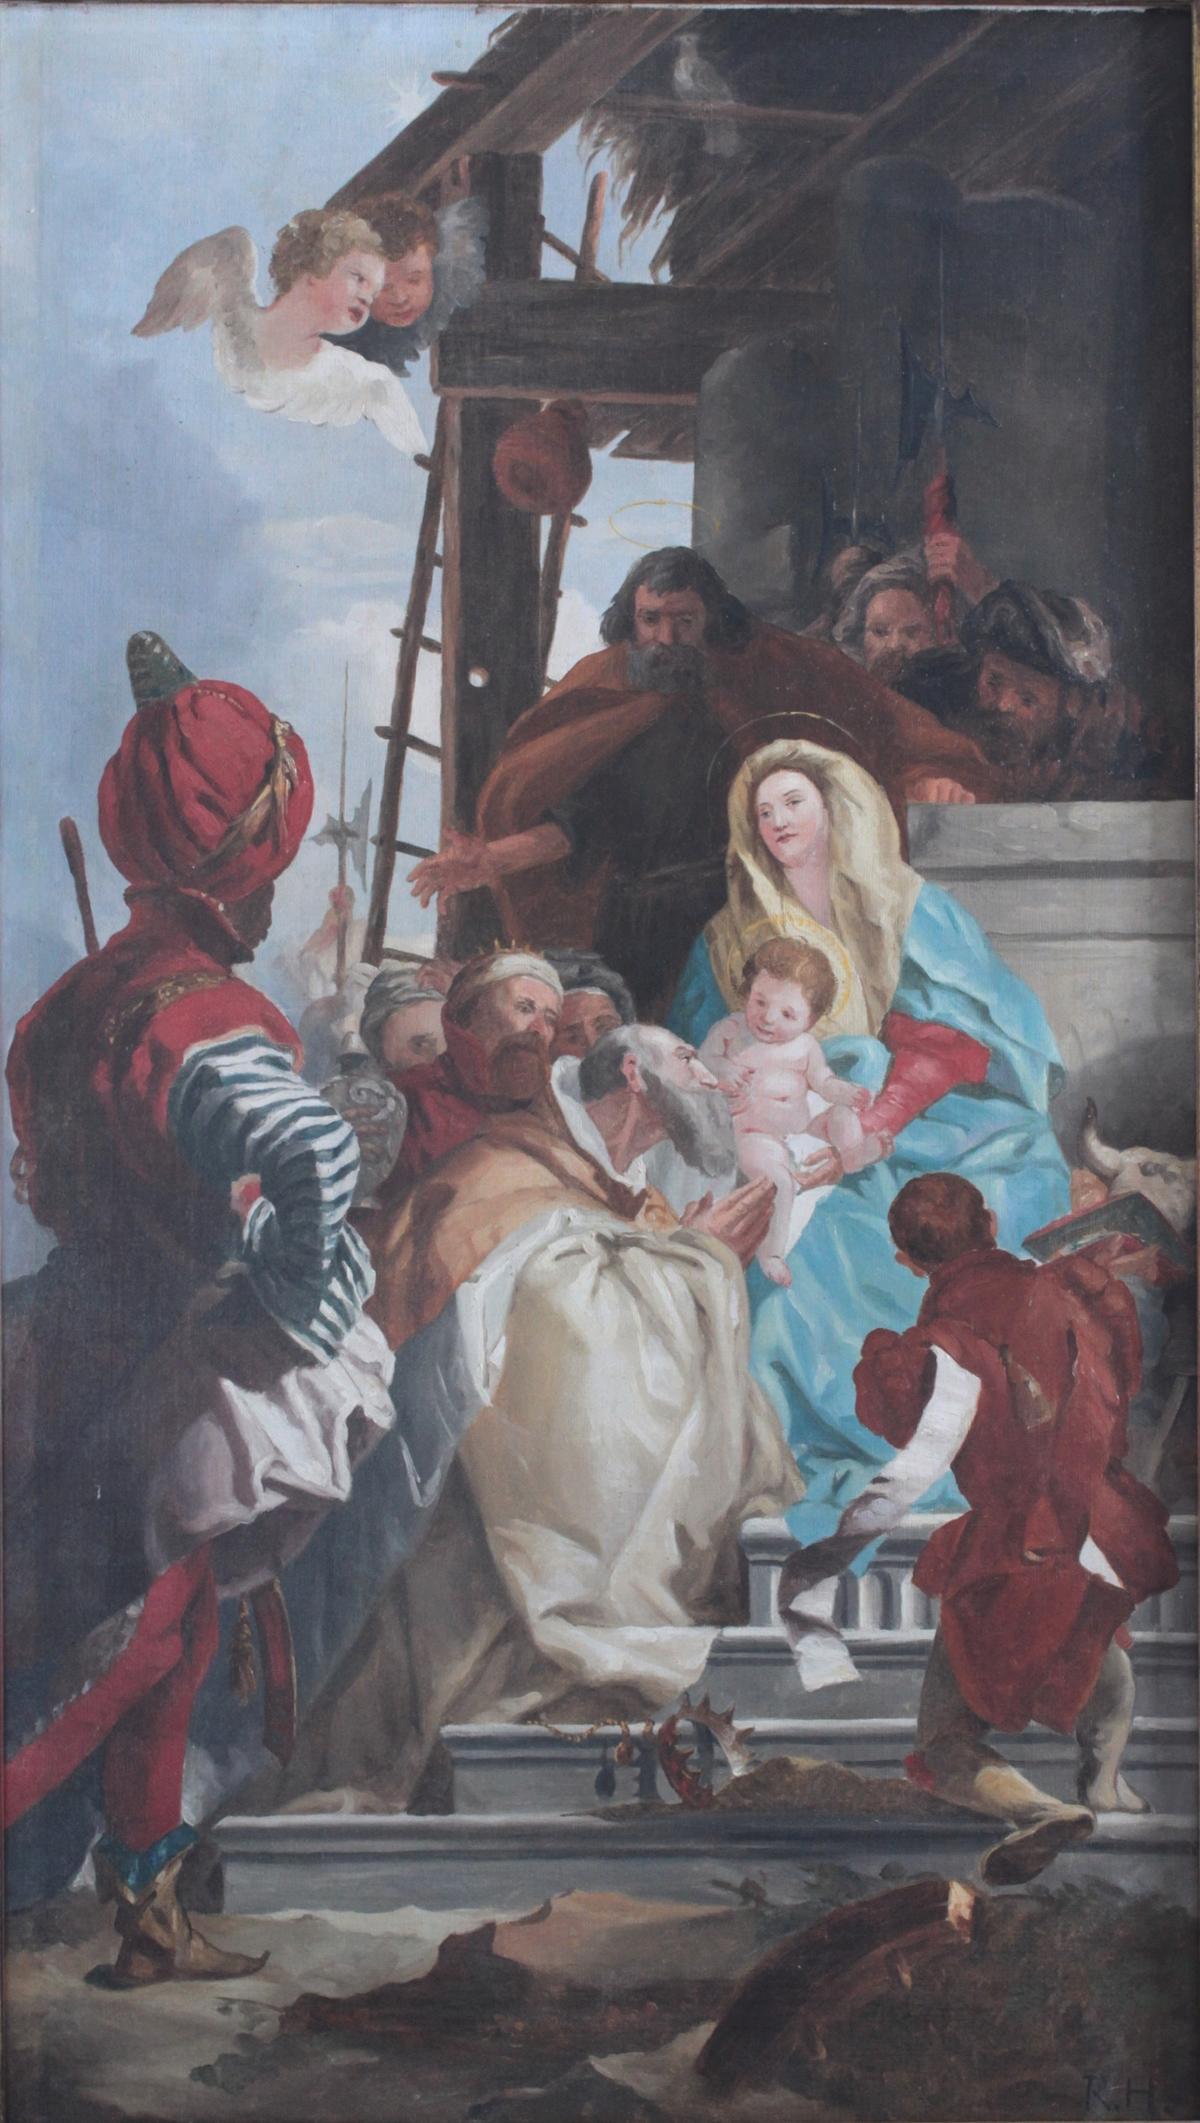 Marienbildnis mit Jesuskind, die Heiligen drei Könige, Monogrammist: R.H. 20. Jh.-2